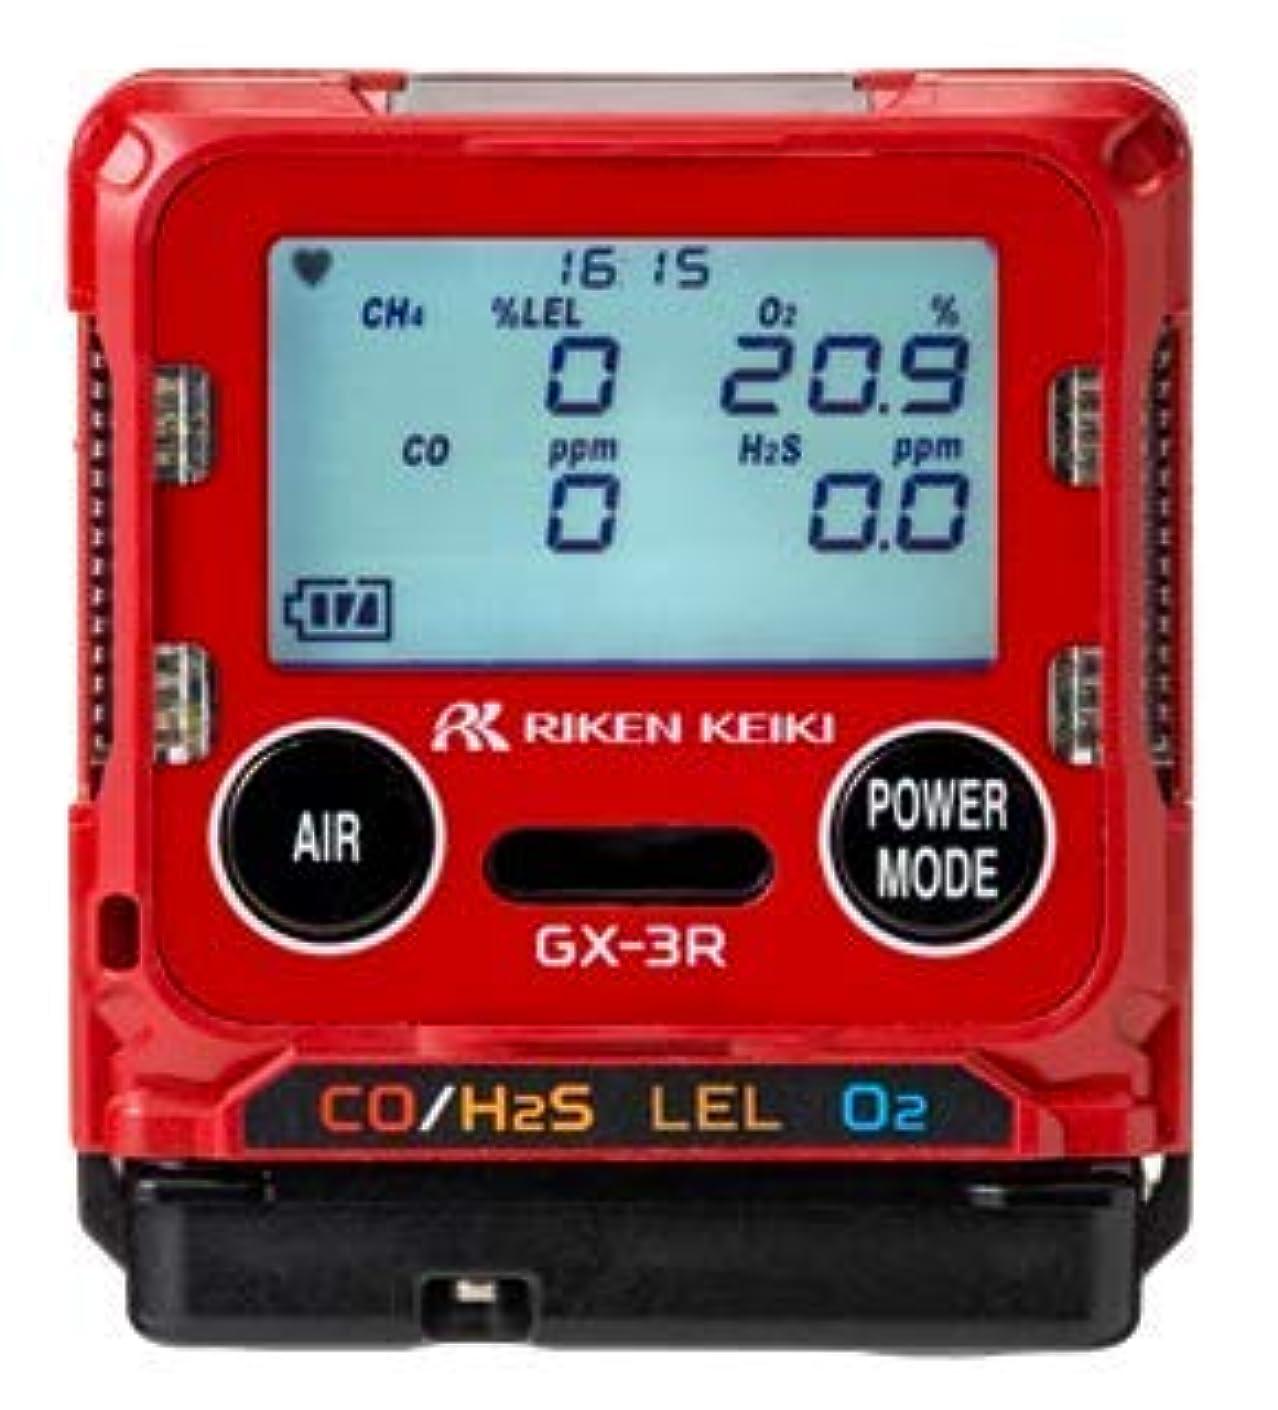 等しいサイバースペースアラブサラボ理研計器 複合ガス検知器 ポータブル3成分ガスモニター GX-3R TYPE-C 検知対象:HC/O2/CO